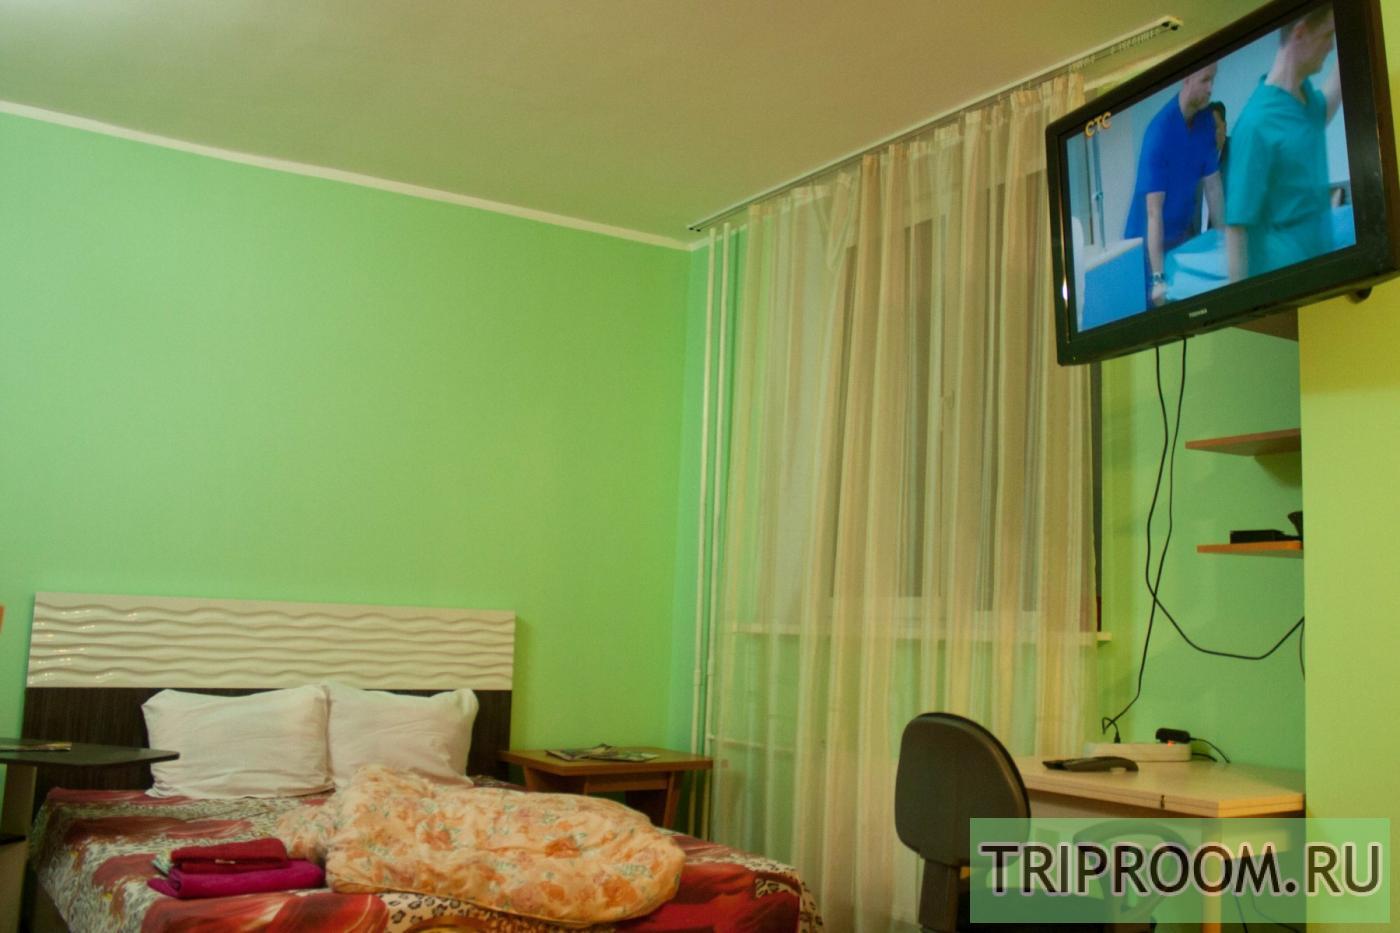 1-комнатная квартира посуточно (вариант № 34928), ул. Ленина улица, фото № 3